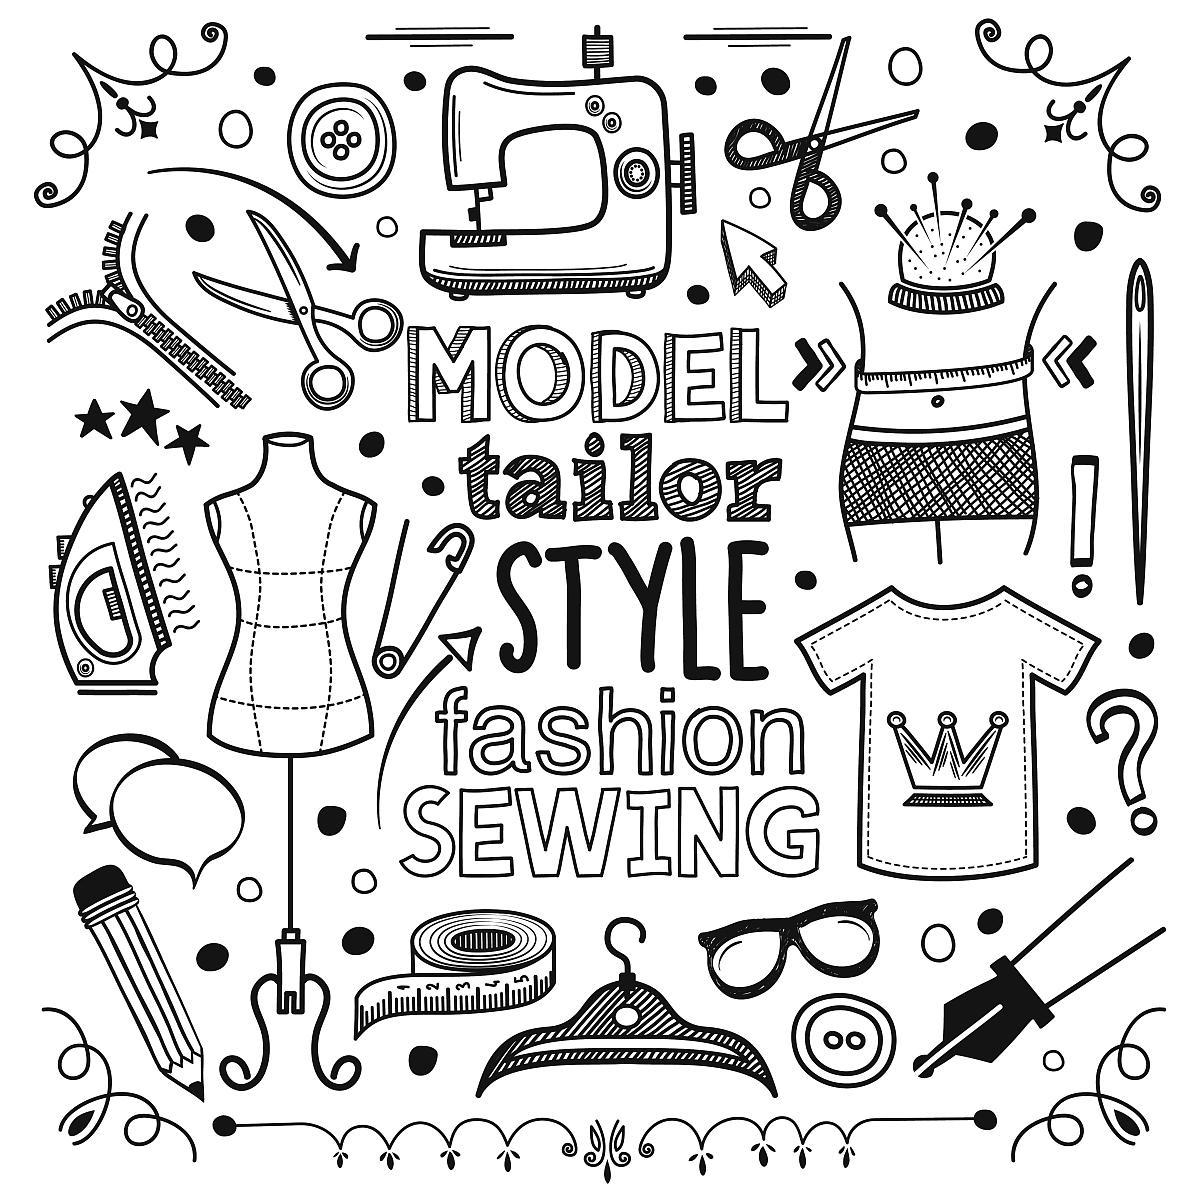 测量,模型,休闲装,符号,t恤,测量工具,黑白图片,眼镜,设计,画画,尺图片